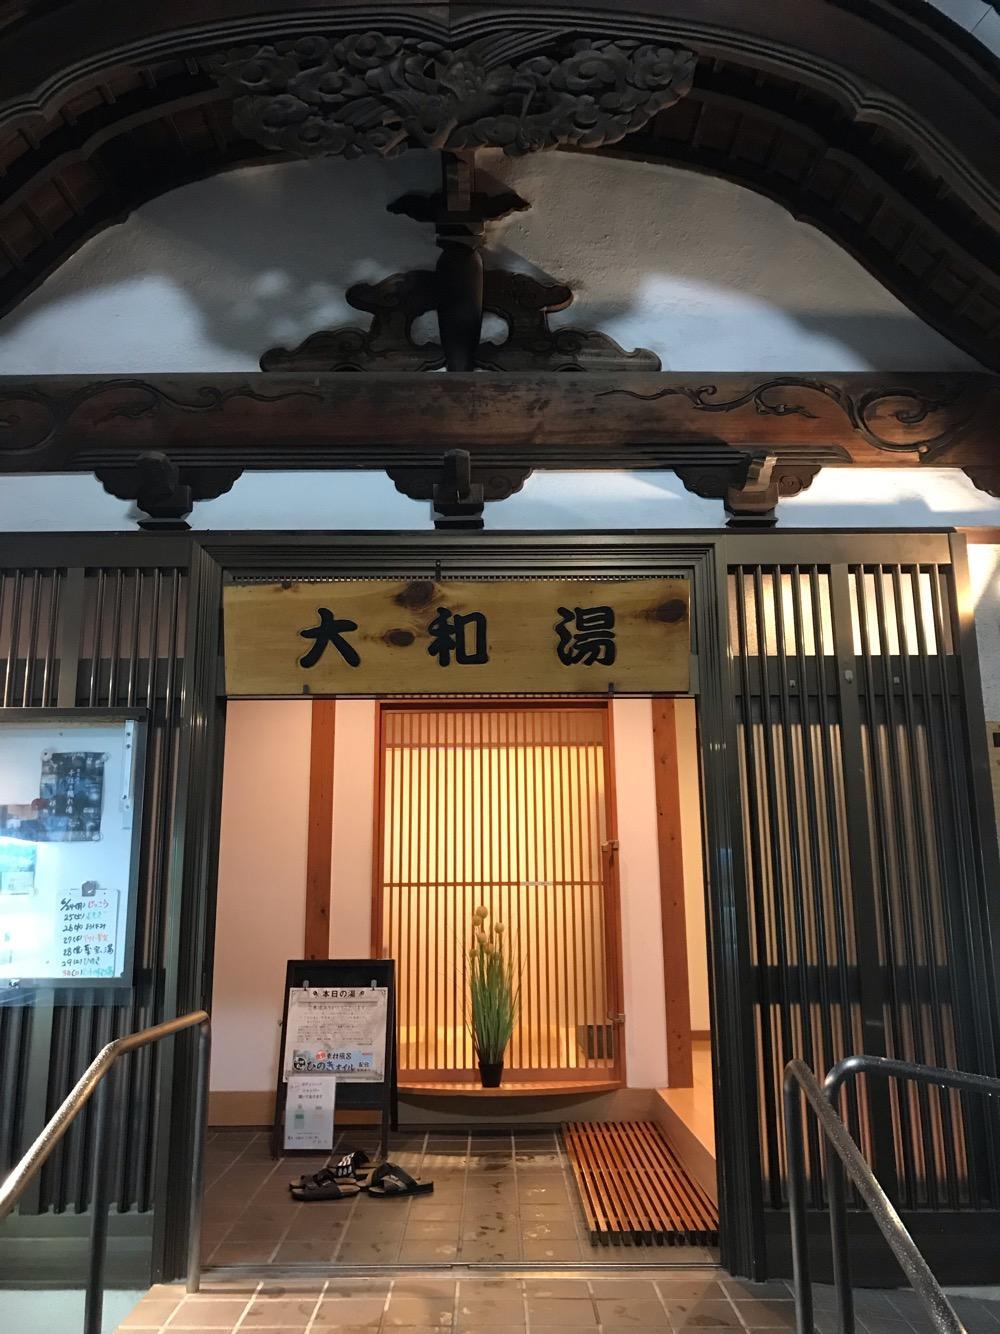 東京都足立区の銭湯・大和湯の玄関(夜の様子)